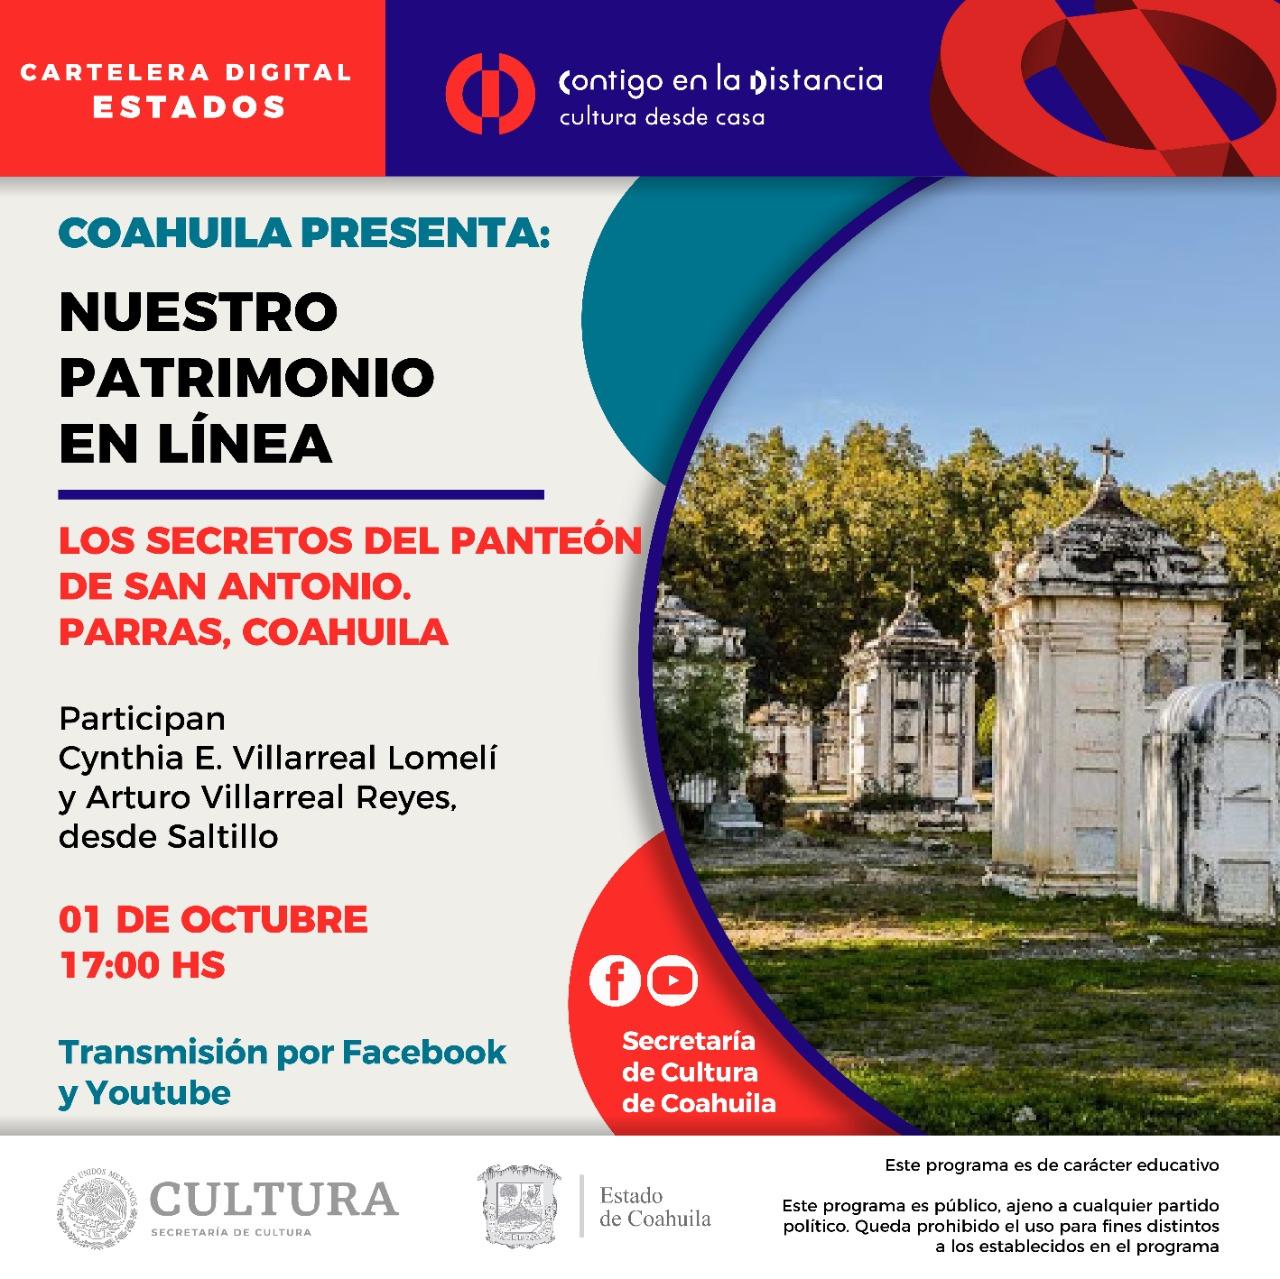 Coahuila presenta: Nuestro Patrimonio en línea.